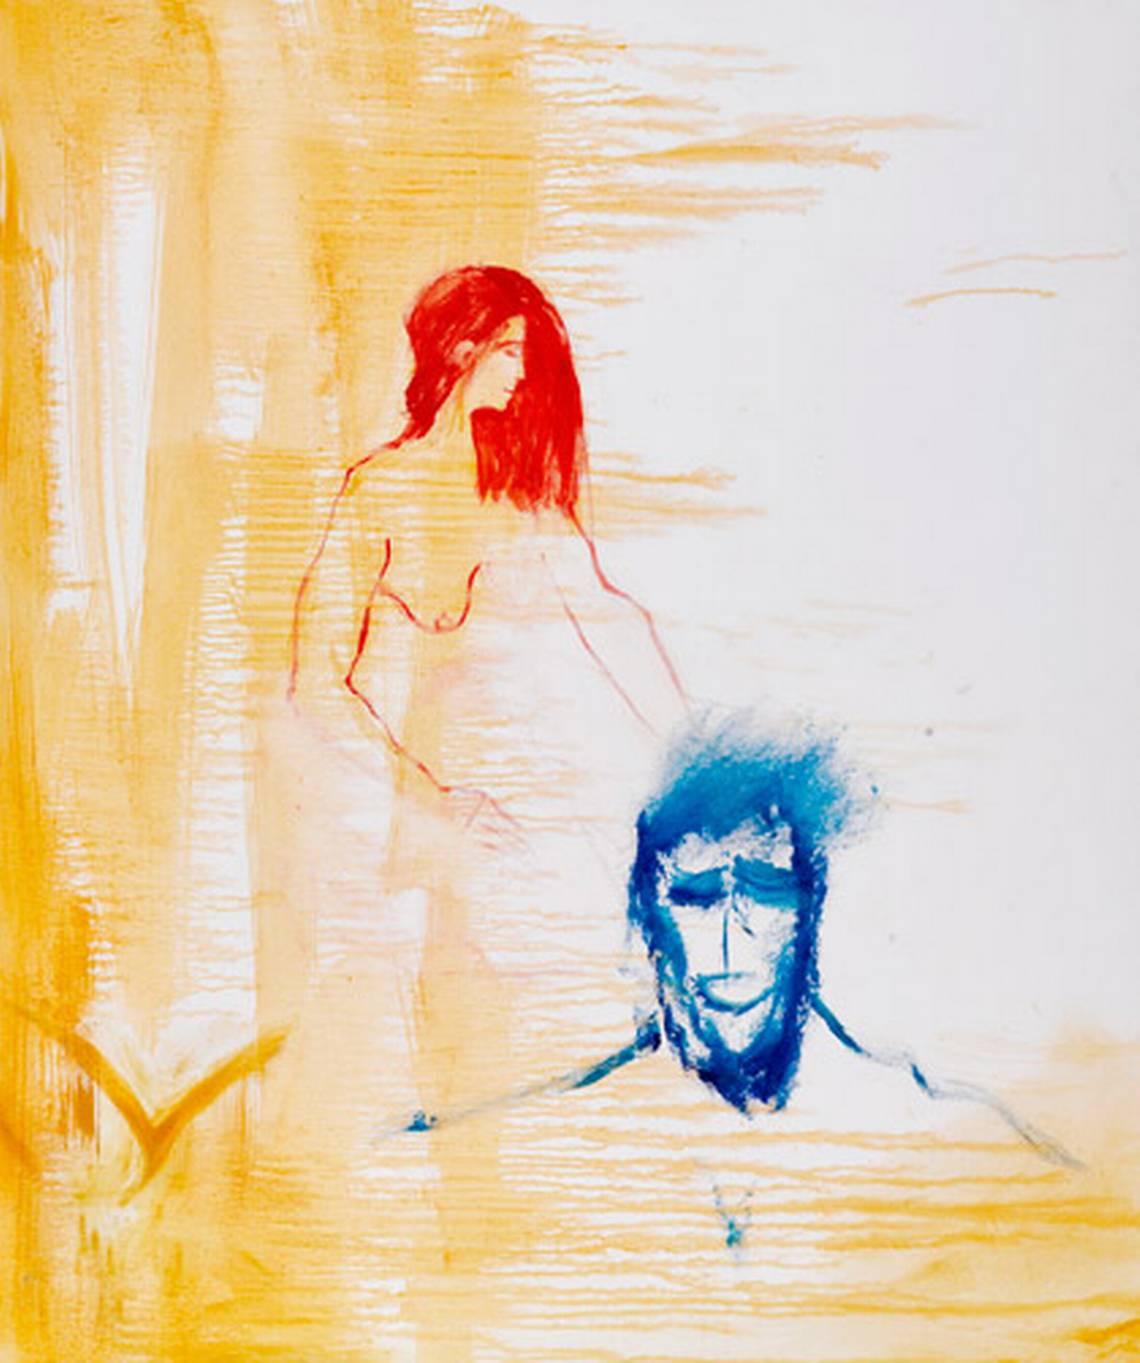 Ferlinghetti, Lovers, More Lights